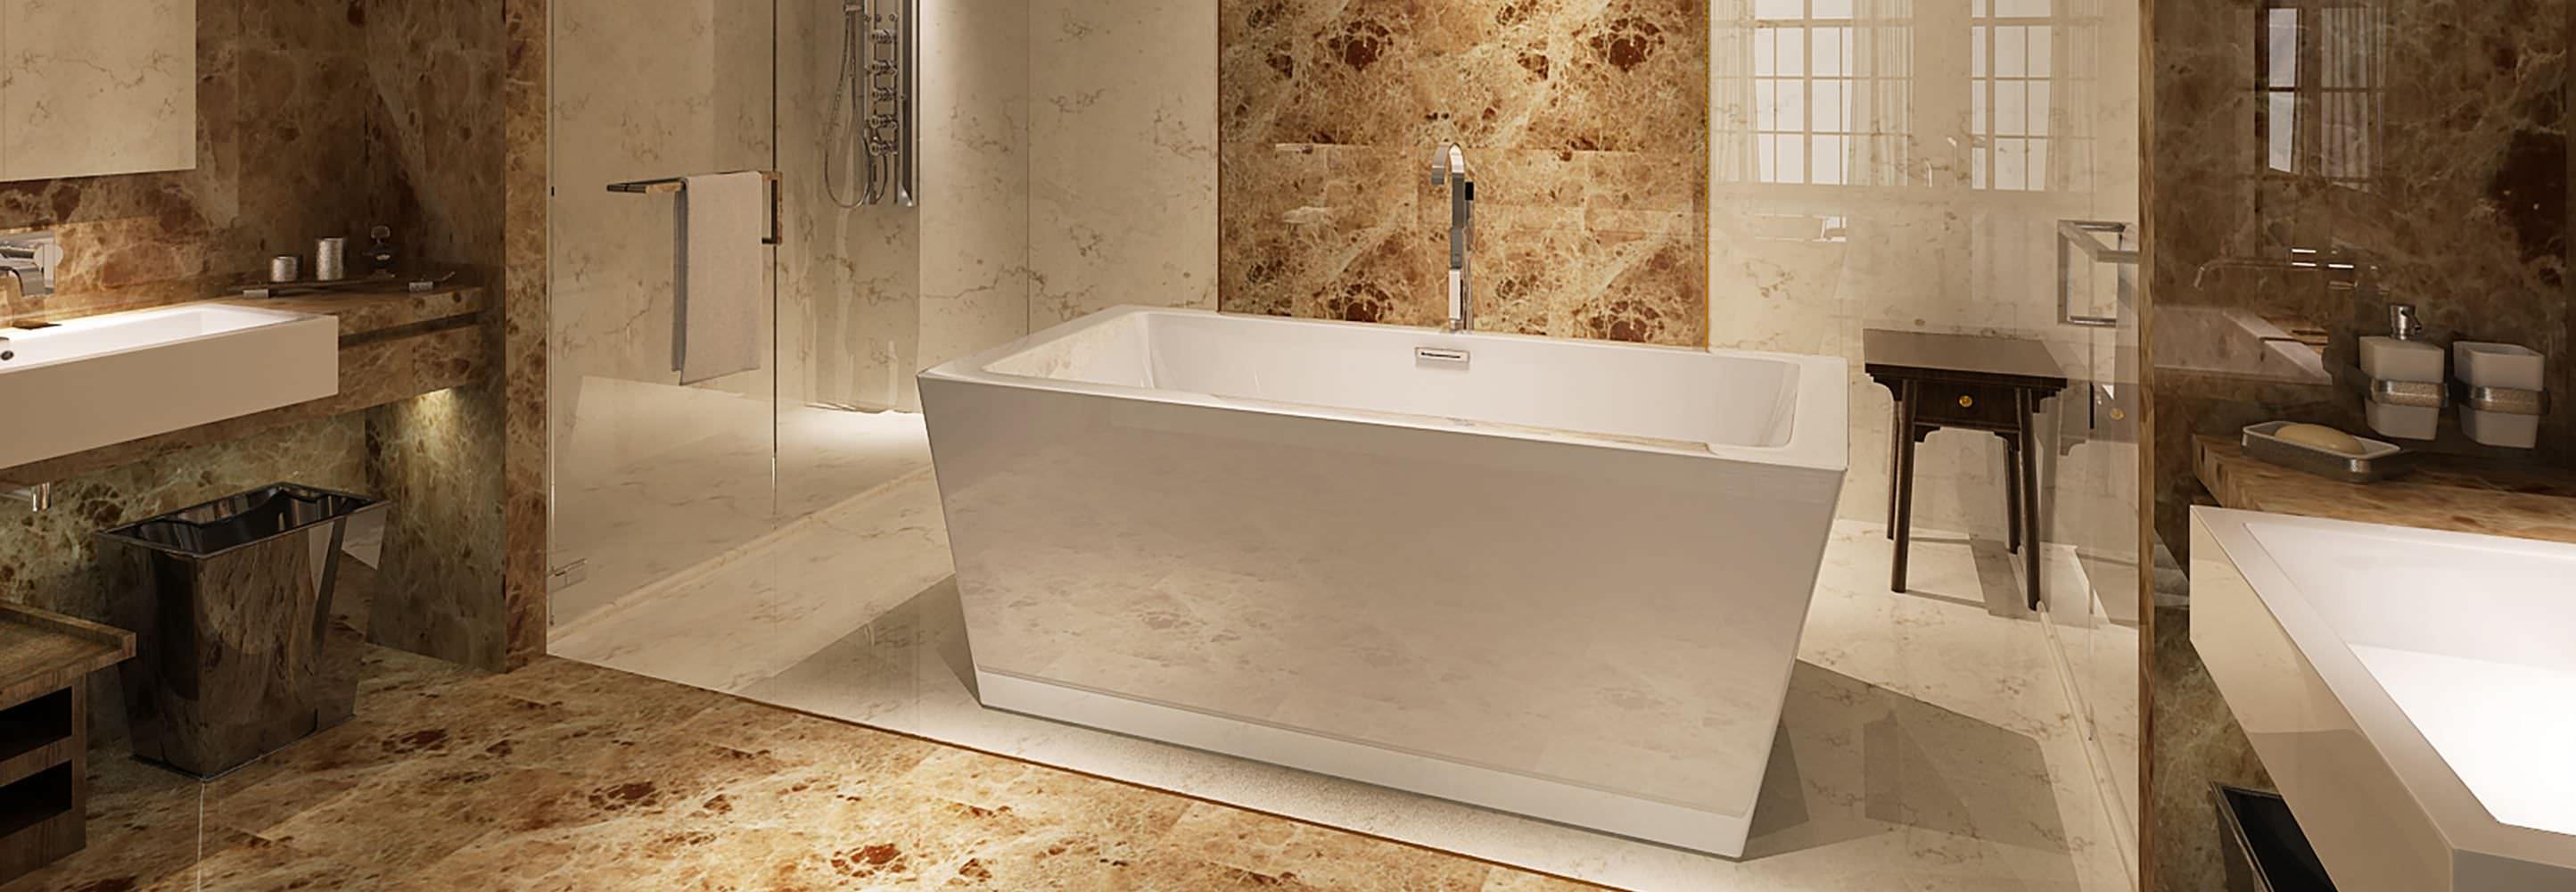 Baths - Freestanding Bathtubs - Centaur Bathtub - Kardiel